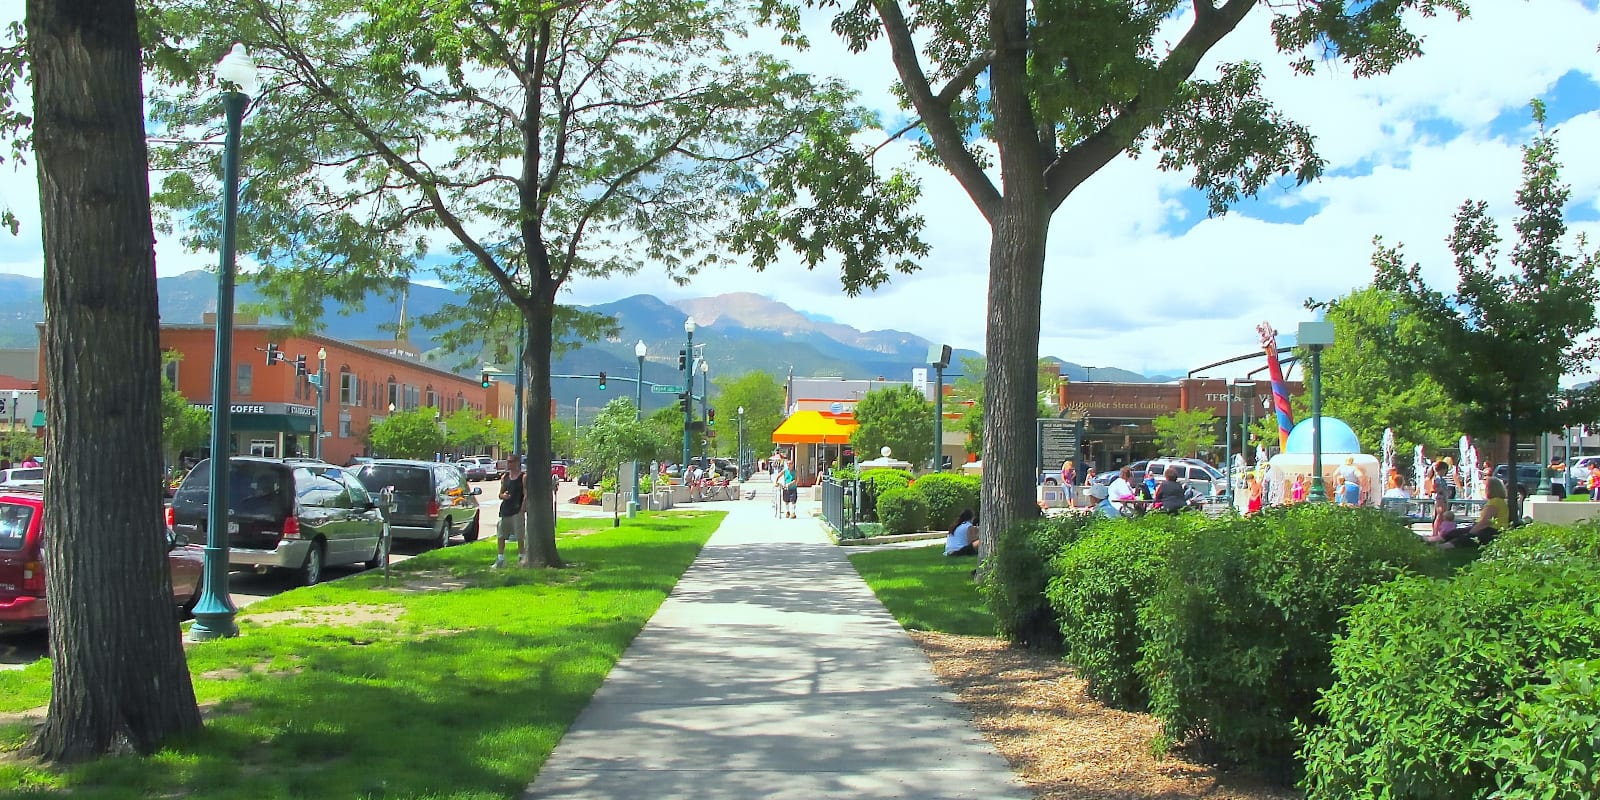 Acacia Park in Colorado Springs